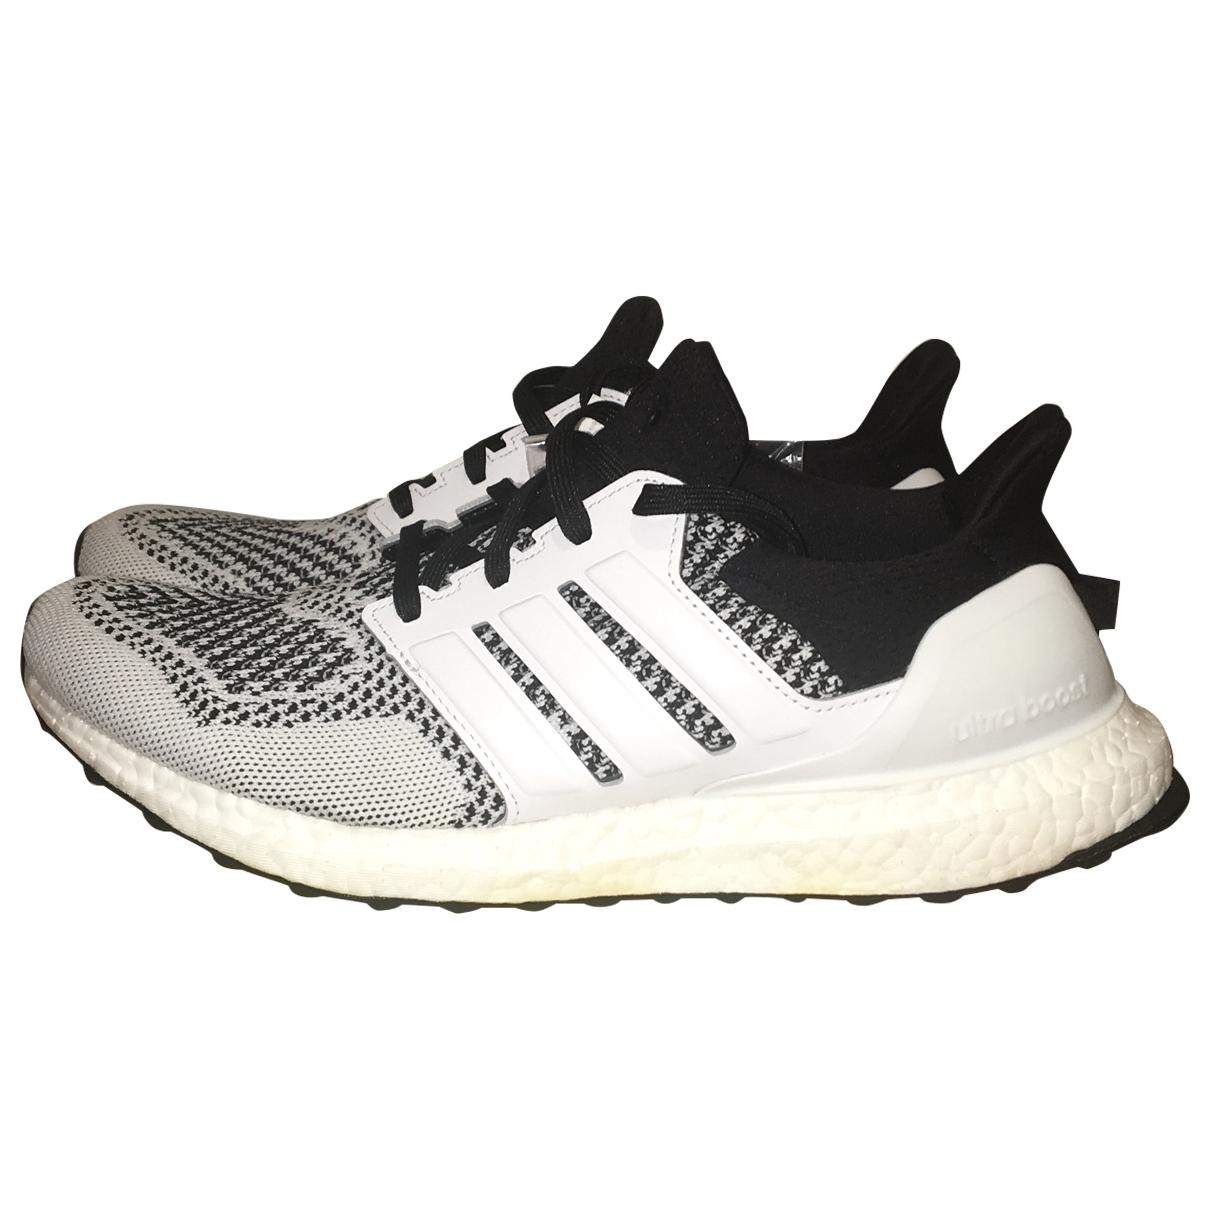 Adidas - Baskets Ultraboost pour homme en toile - blanc